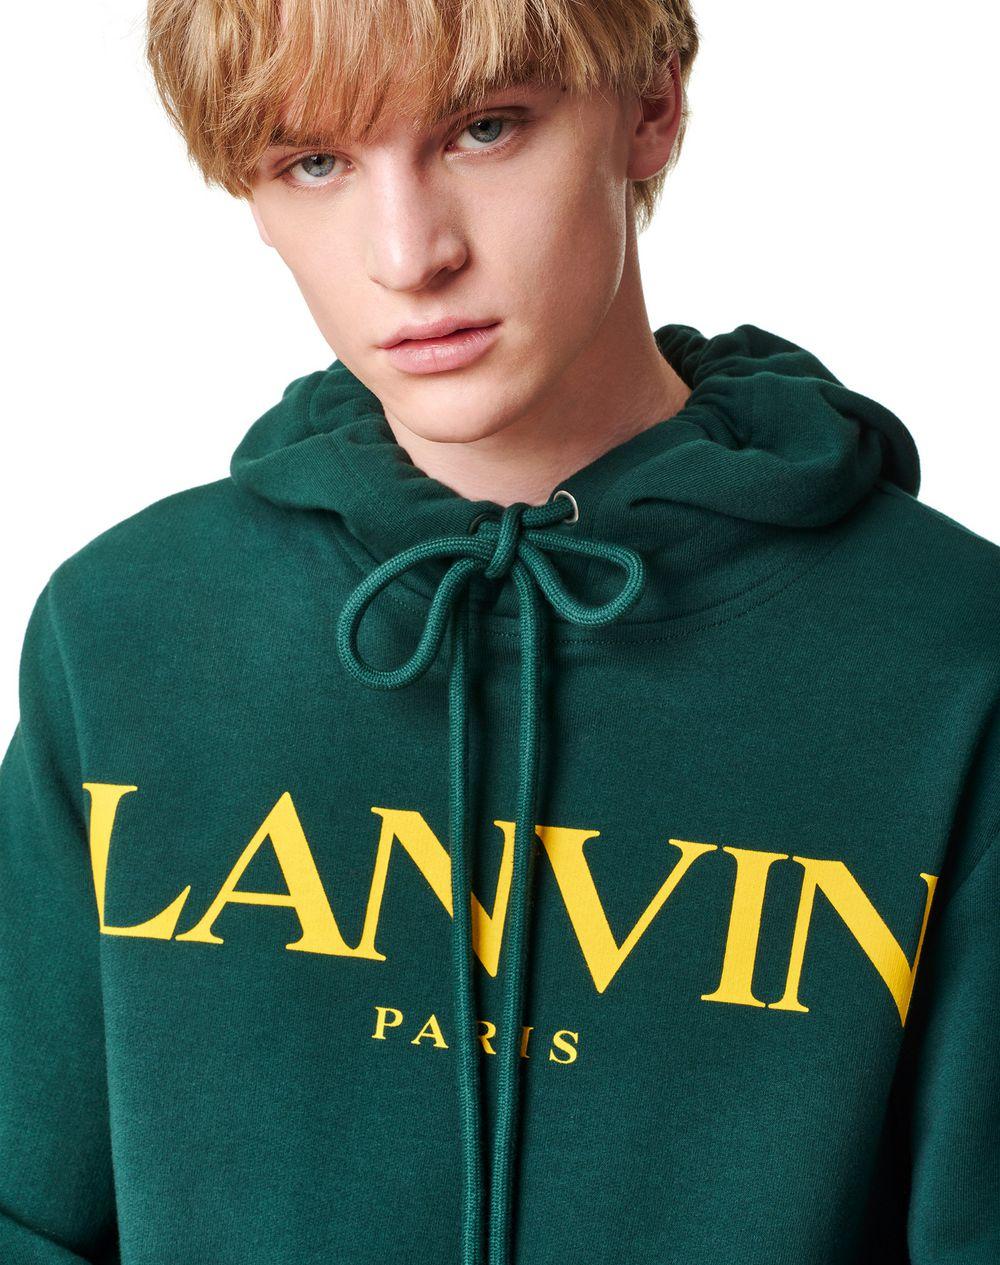 PRINTED HOODIE - Lanvin